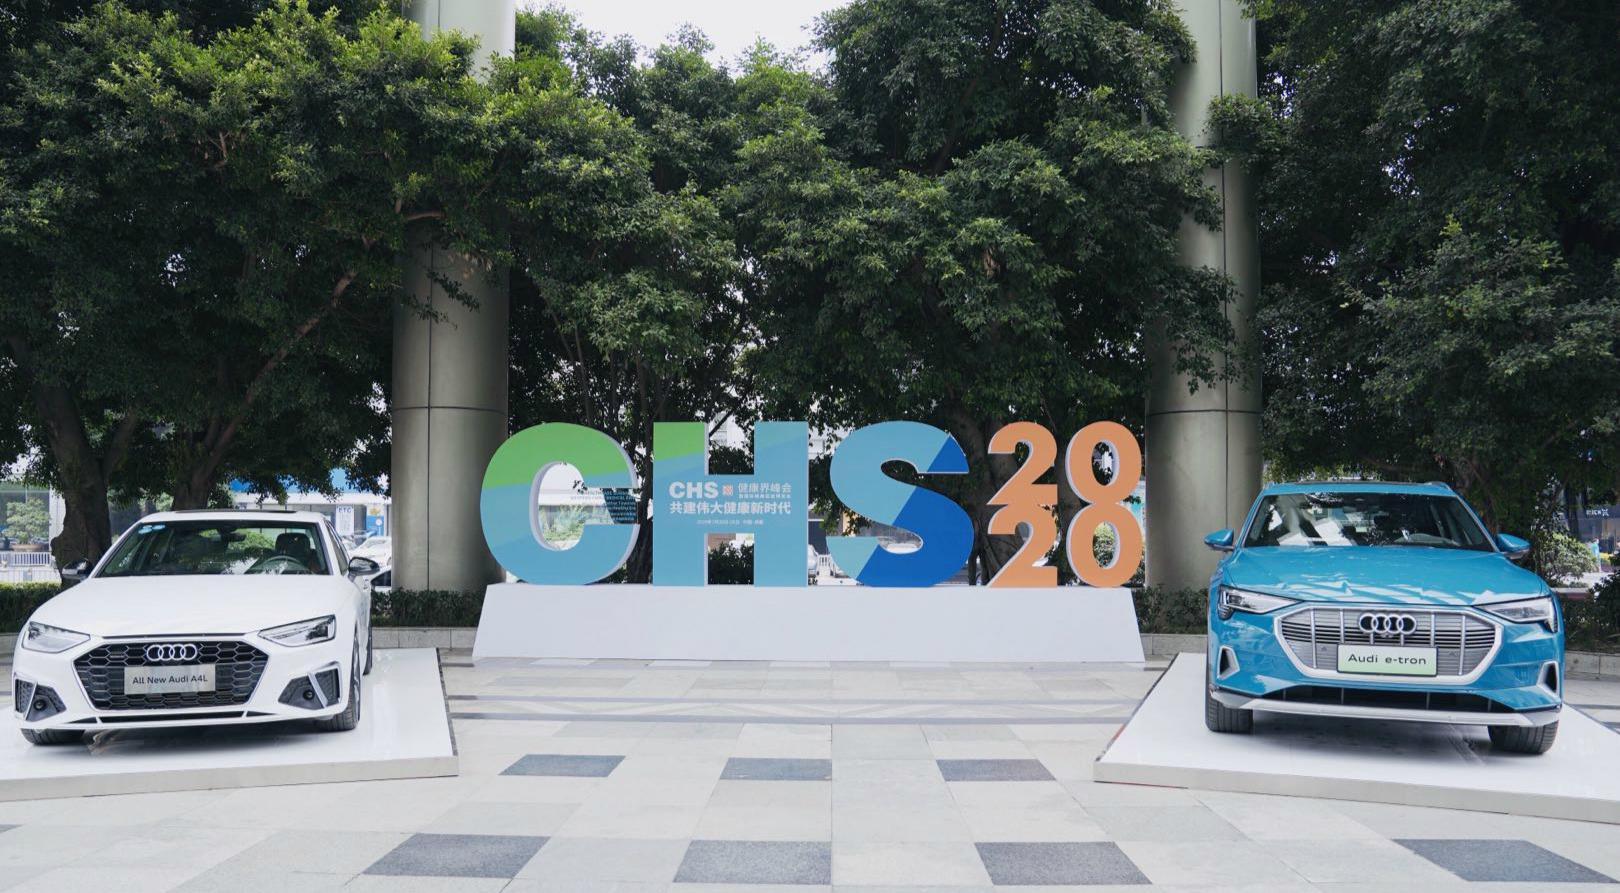 图片速报 疫后首场大健康行业盛会 | 2020健康界峰会